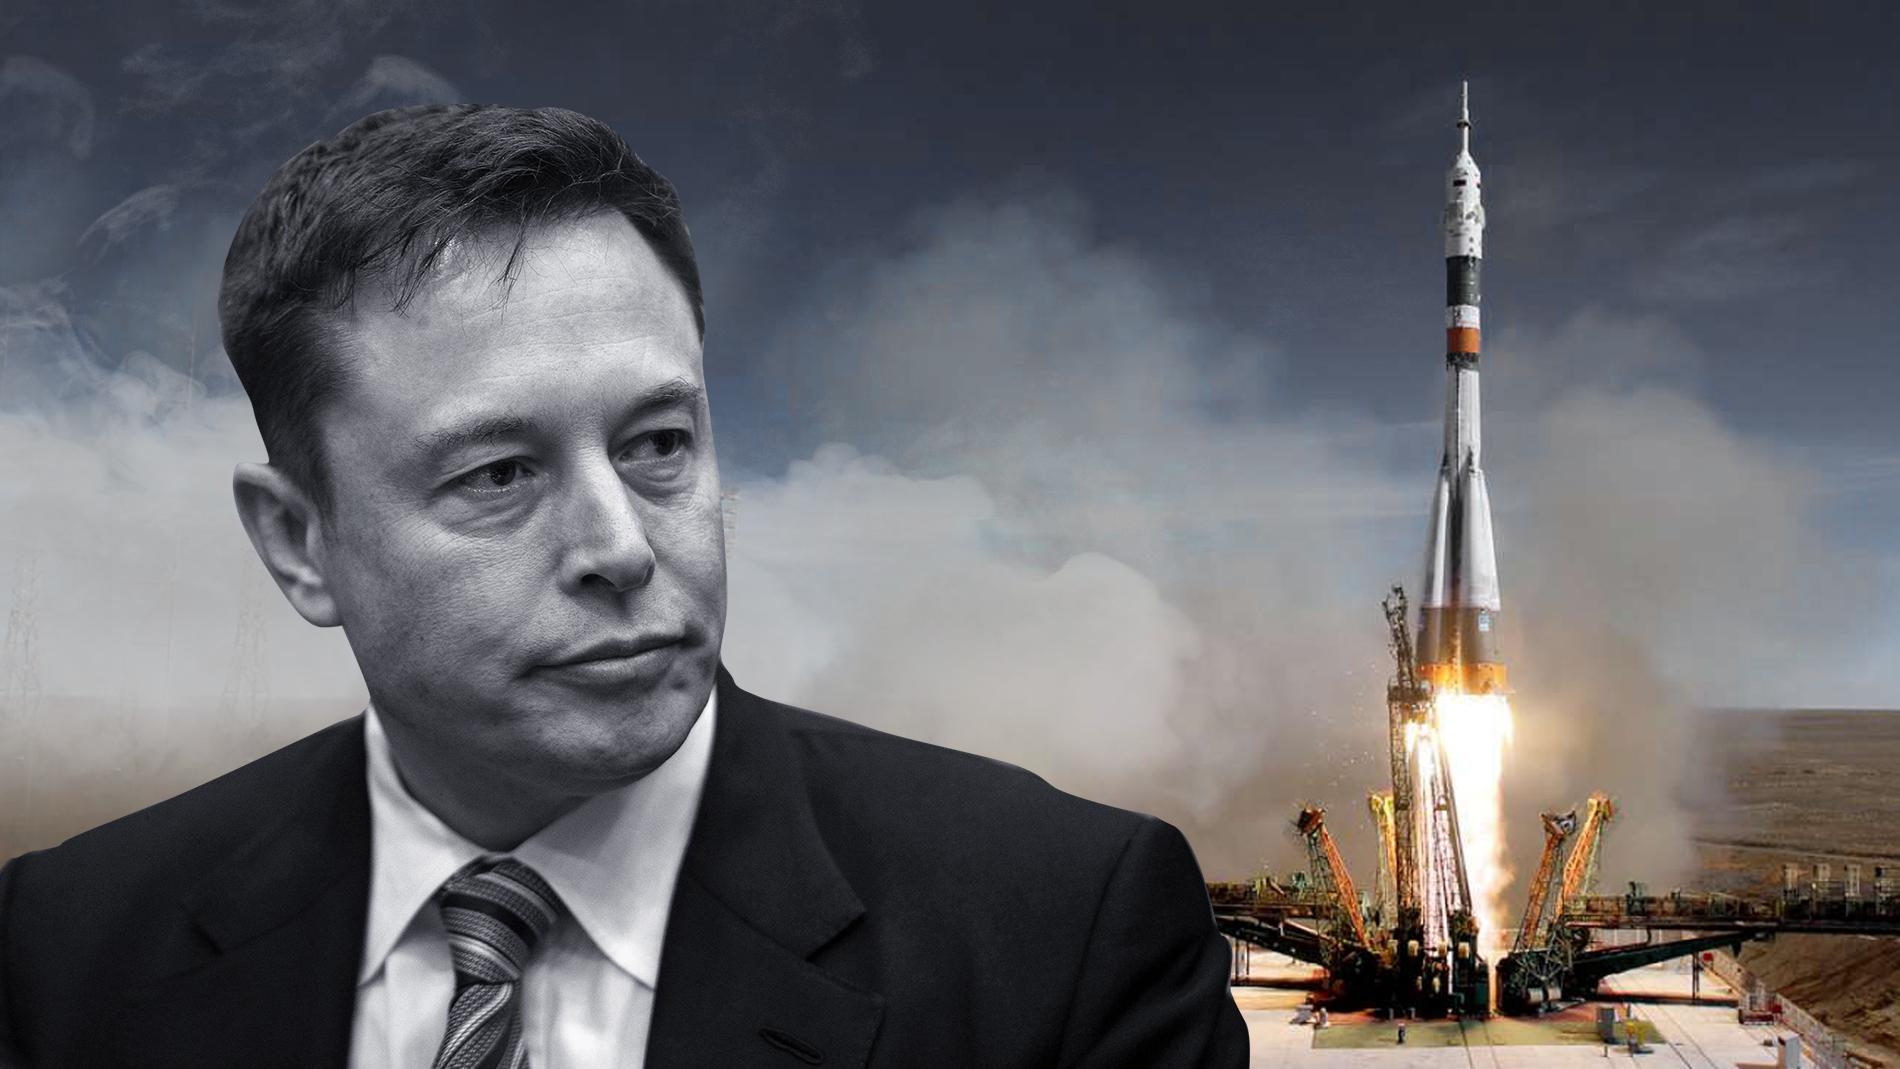 'Космический батут': Почему SpaceX мечтает 'убить' ракеты 'Союз'